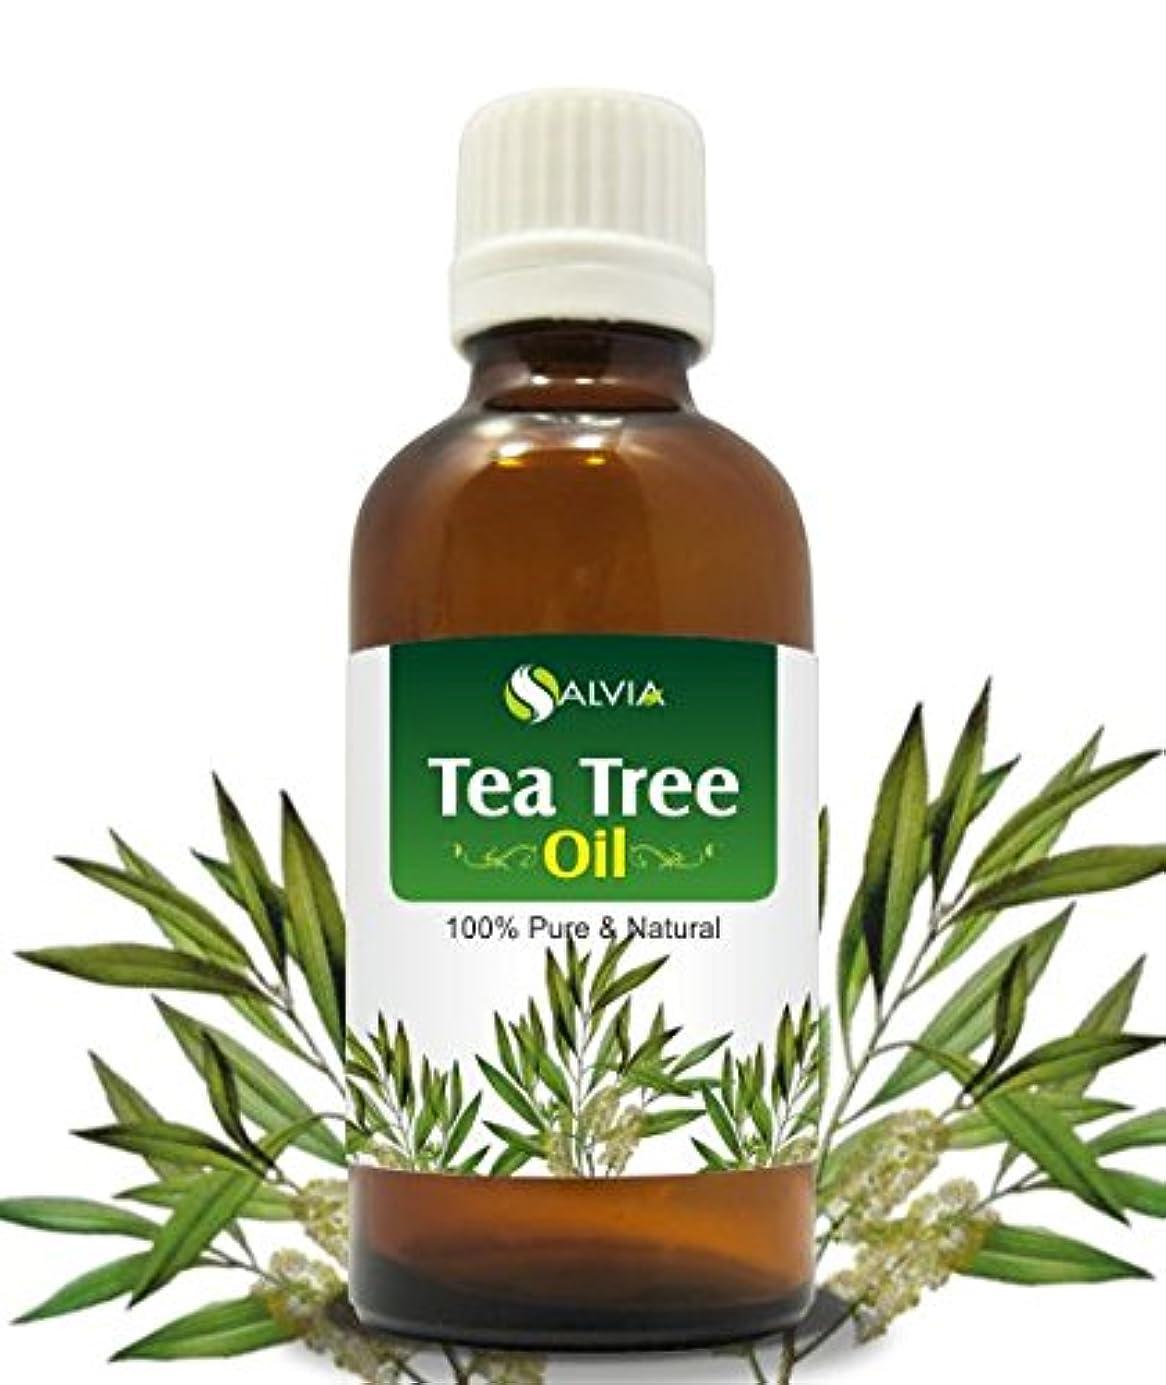 ピアパラダイス膿瘍TEA TREE OIL 100% NATURAL PURE UNDILUTED UNCUT ESSENTIAL OIL 30ML